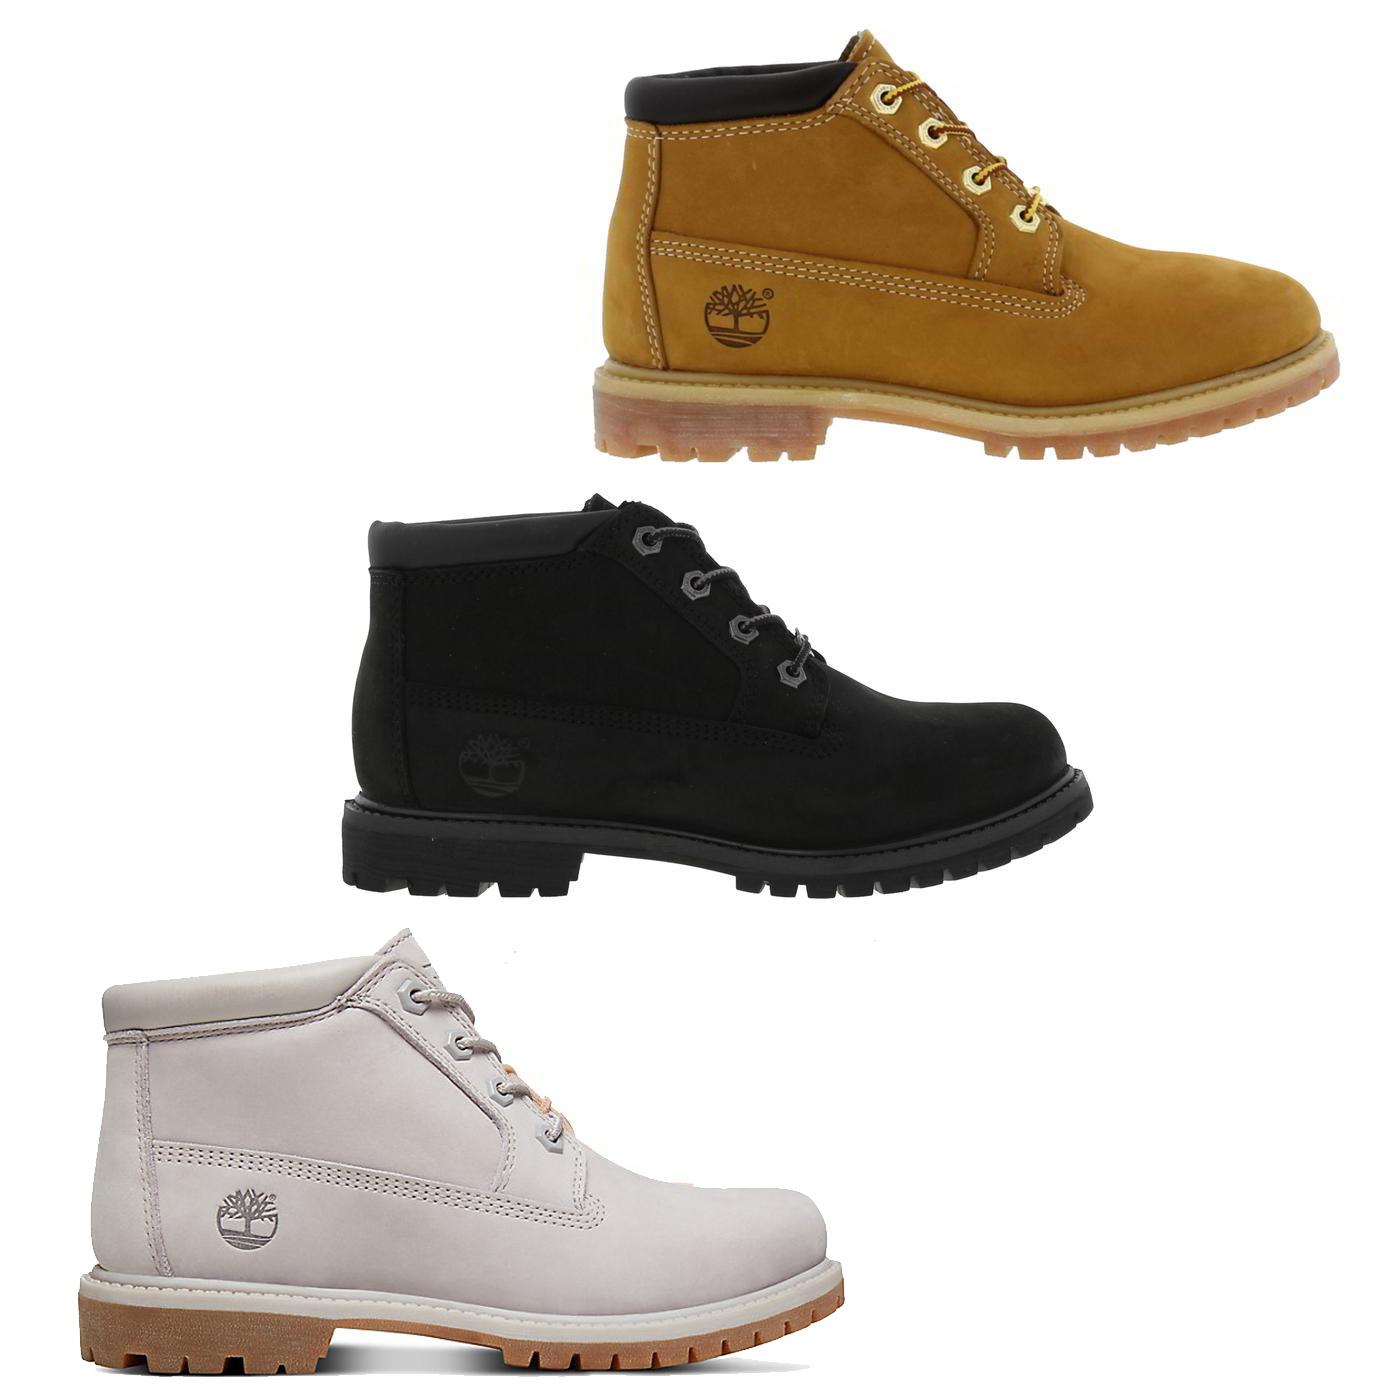 Timberland Nellie Womens Chukka Boot Waterproof Black Wheat Yellow ... 6644204c905